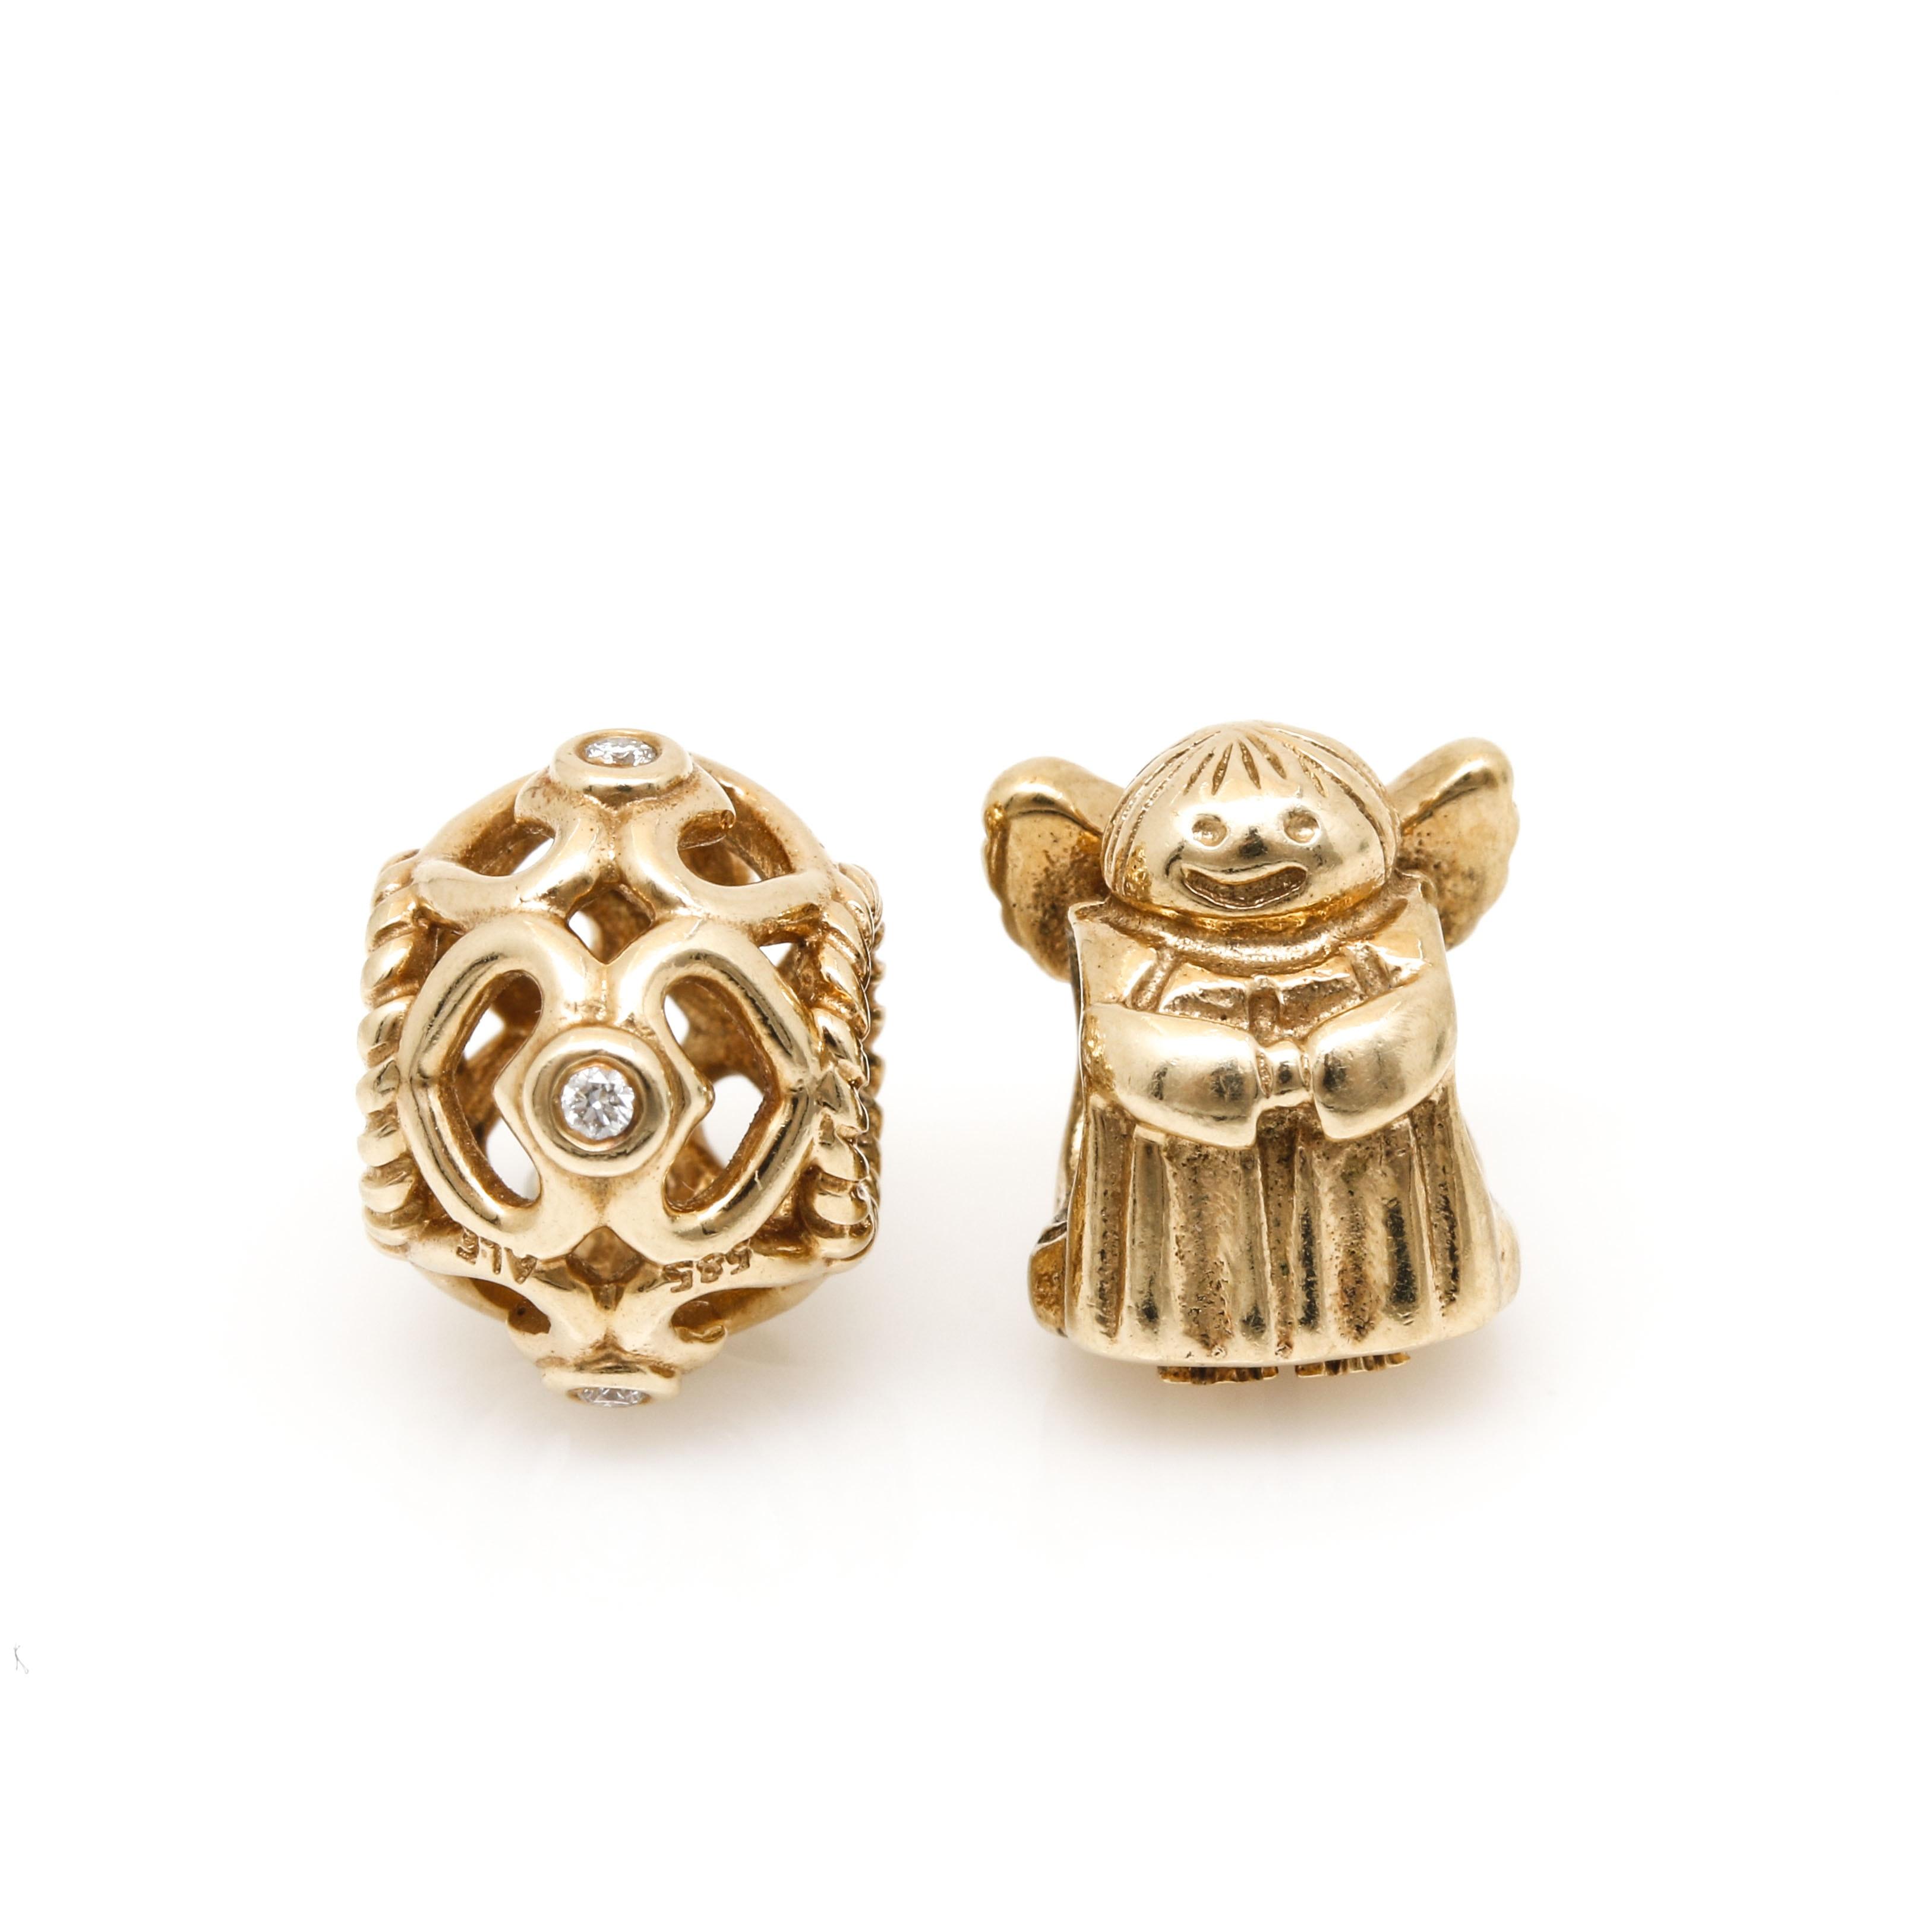 Pandora 14K Yellow Gold Beads Including Diamonds